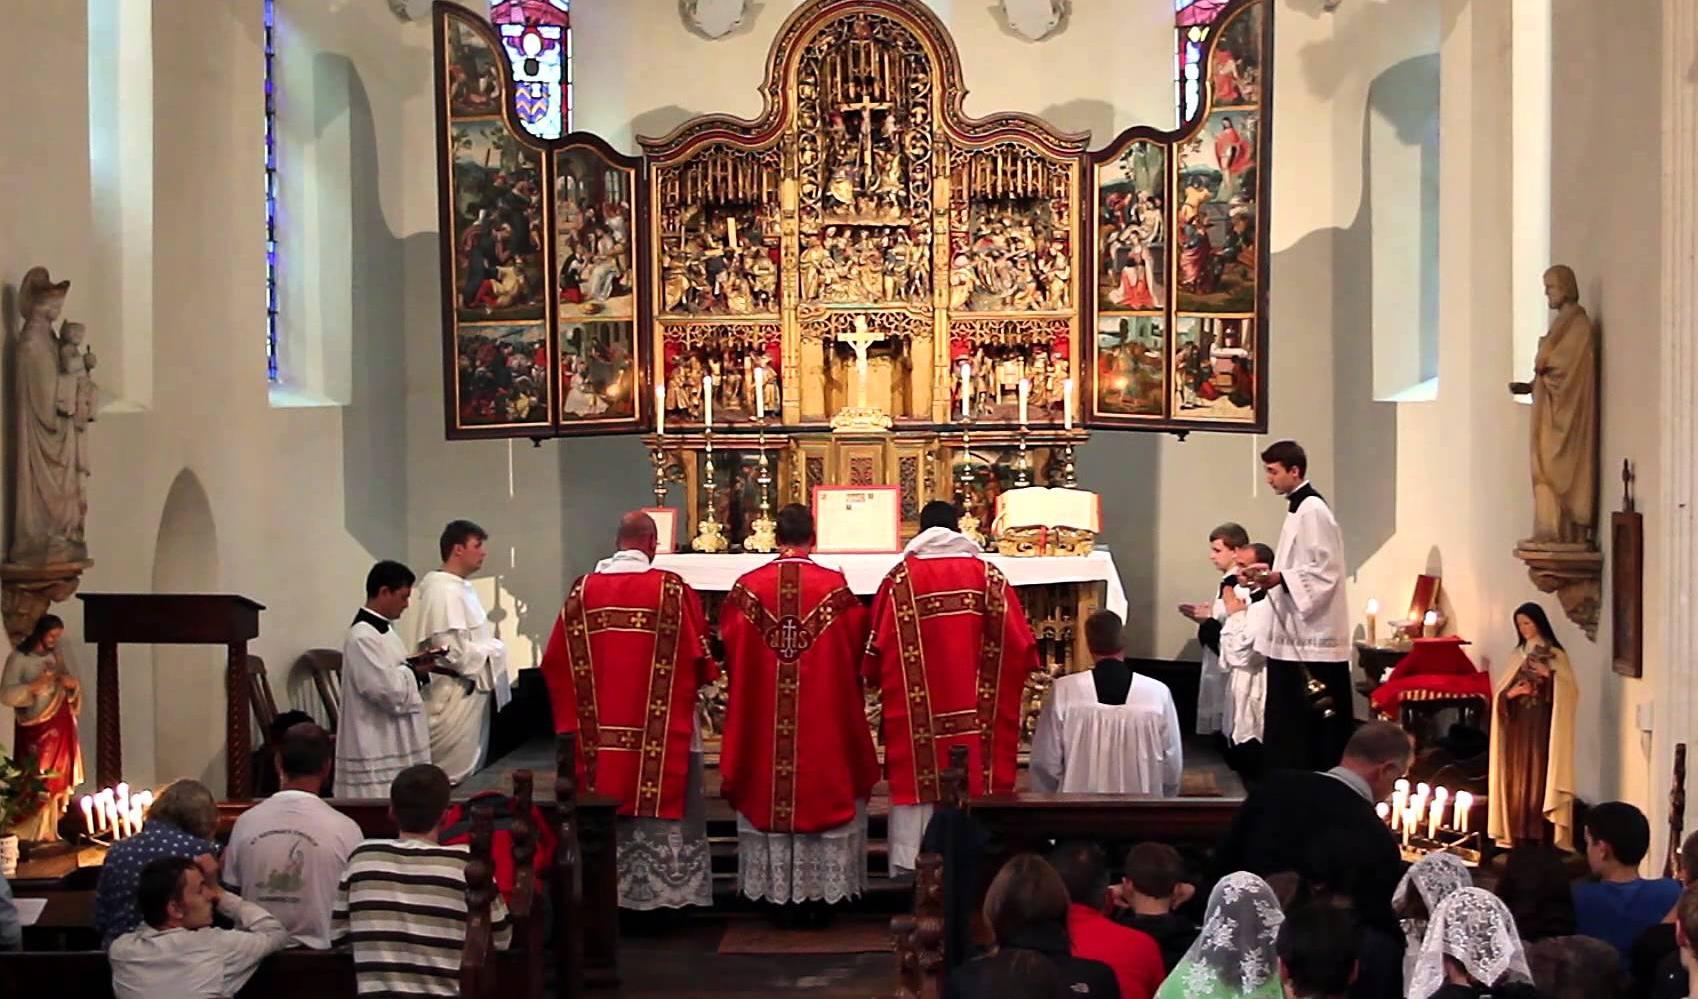 El Cardenal Sarah Propone que Sacerdotes y Fieles Miren Hacia el Señor en la MISA